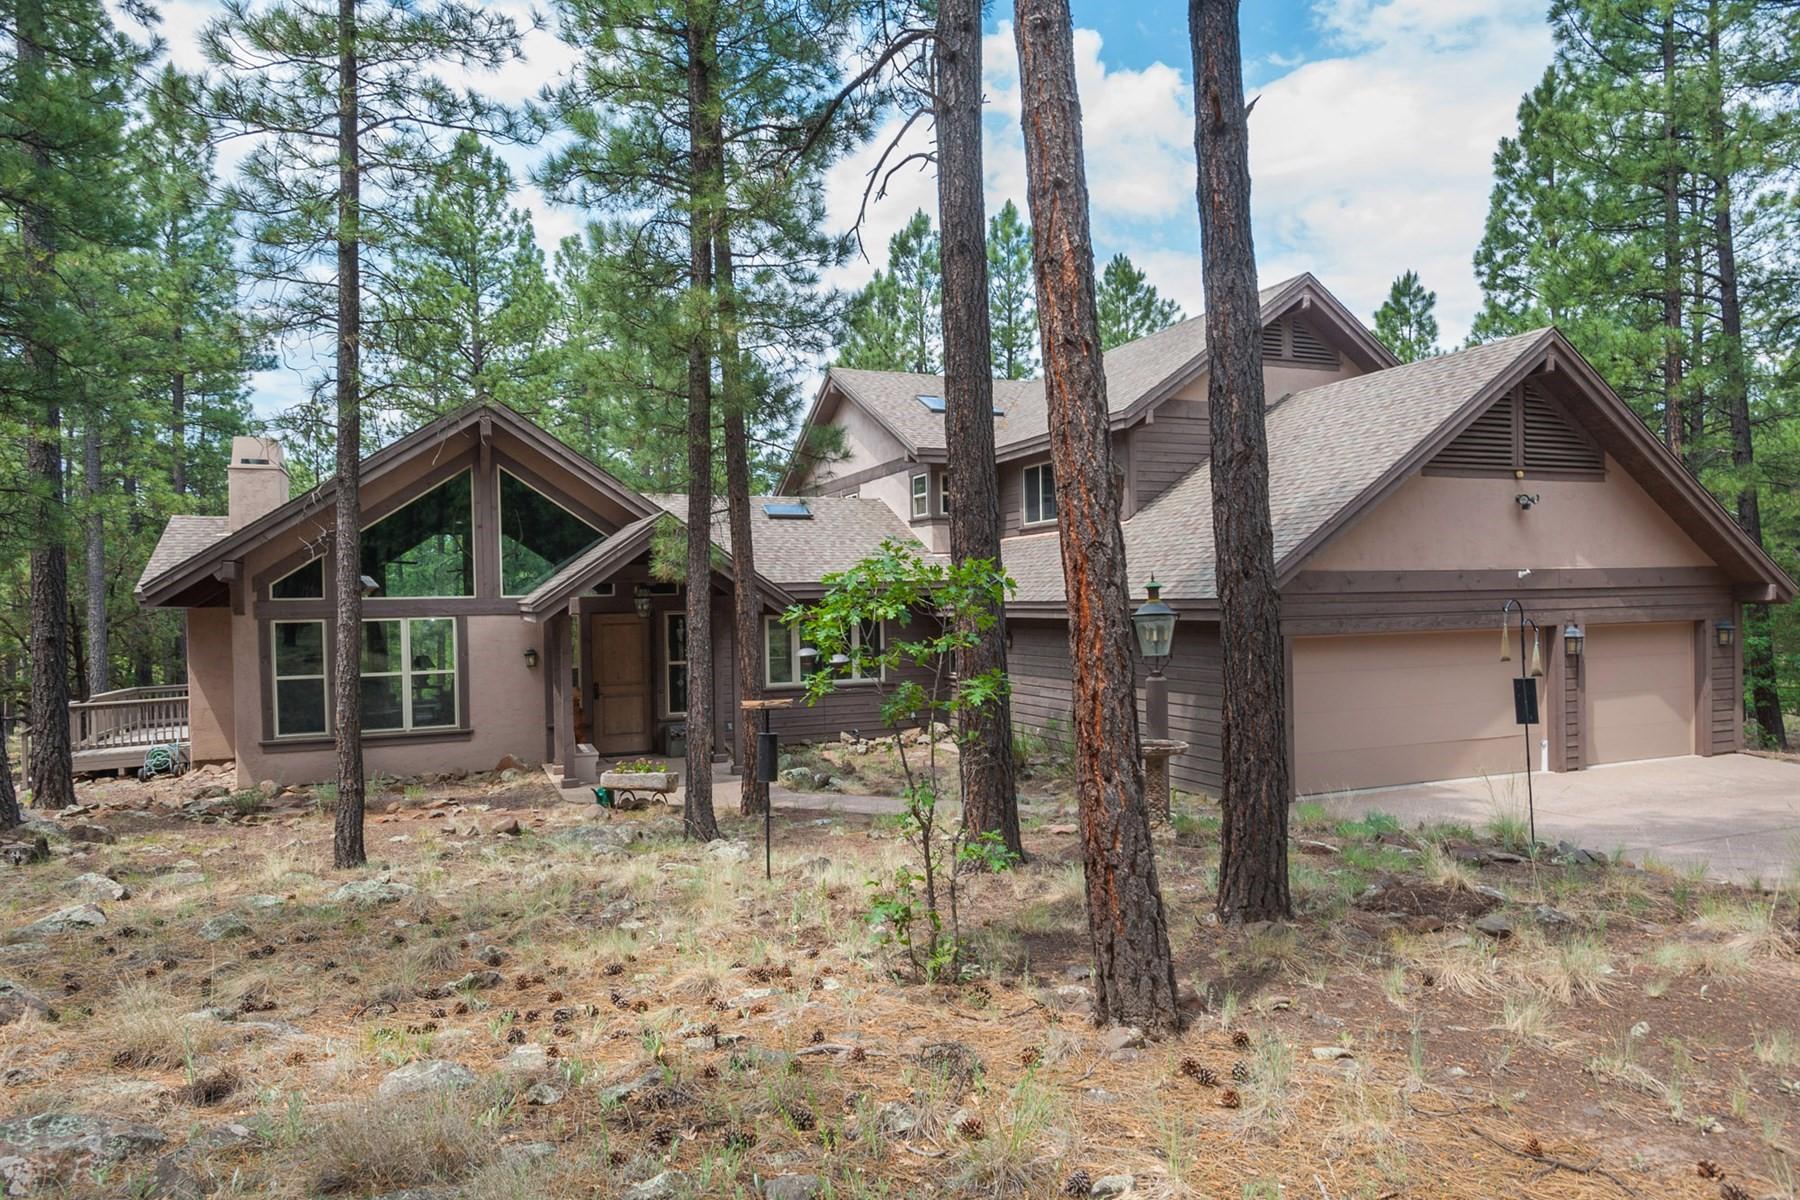 Maison unifamiliale pour l Vente à versatile Custom Home in Mt.Elden Lookout Road 105 W Mount Elden Lookout Rd Flagstaff, Arizona, 86001 États-Unis